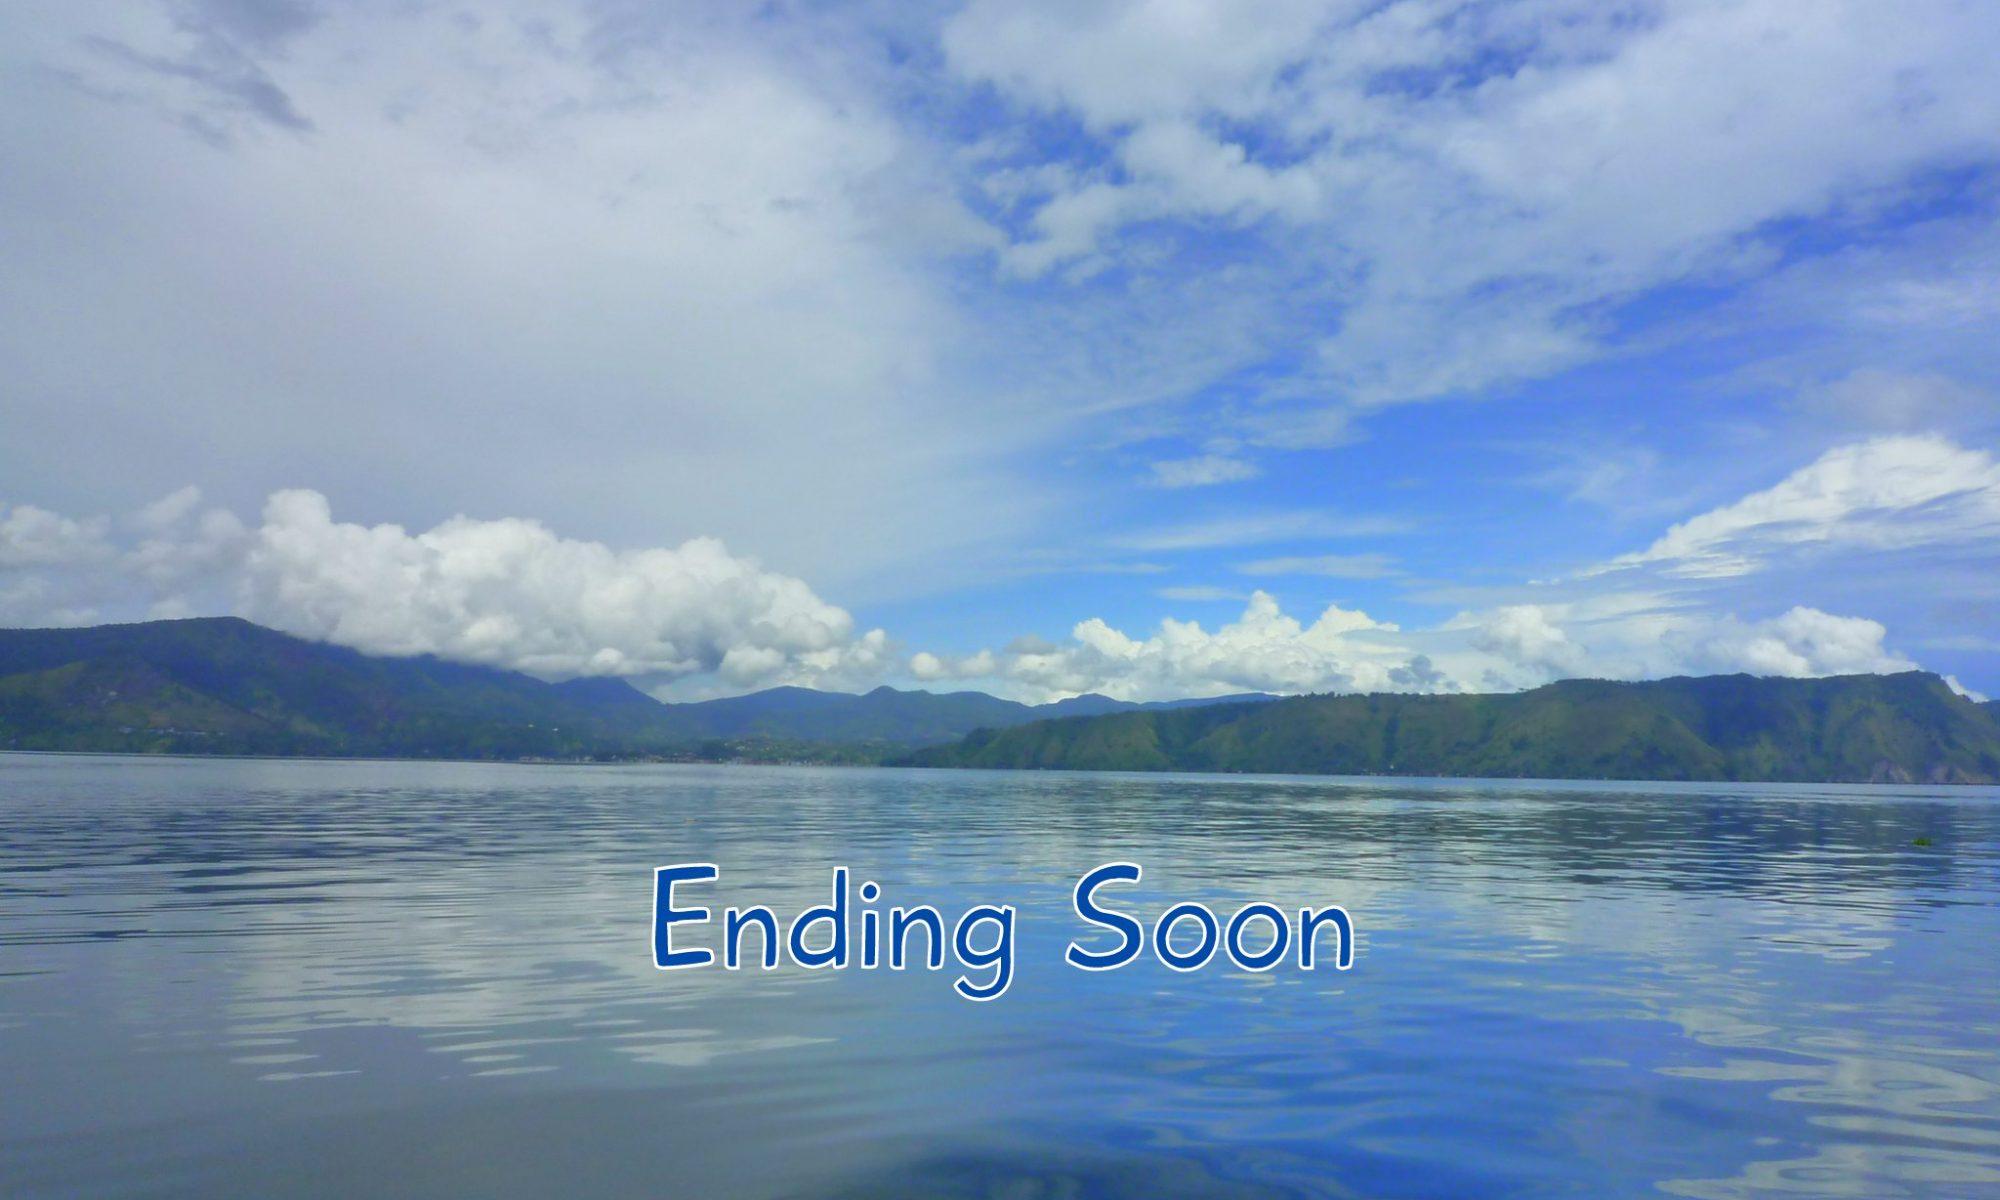 インドネシア (マンデリン) ドロサングルは間も無く終了します。